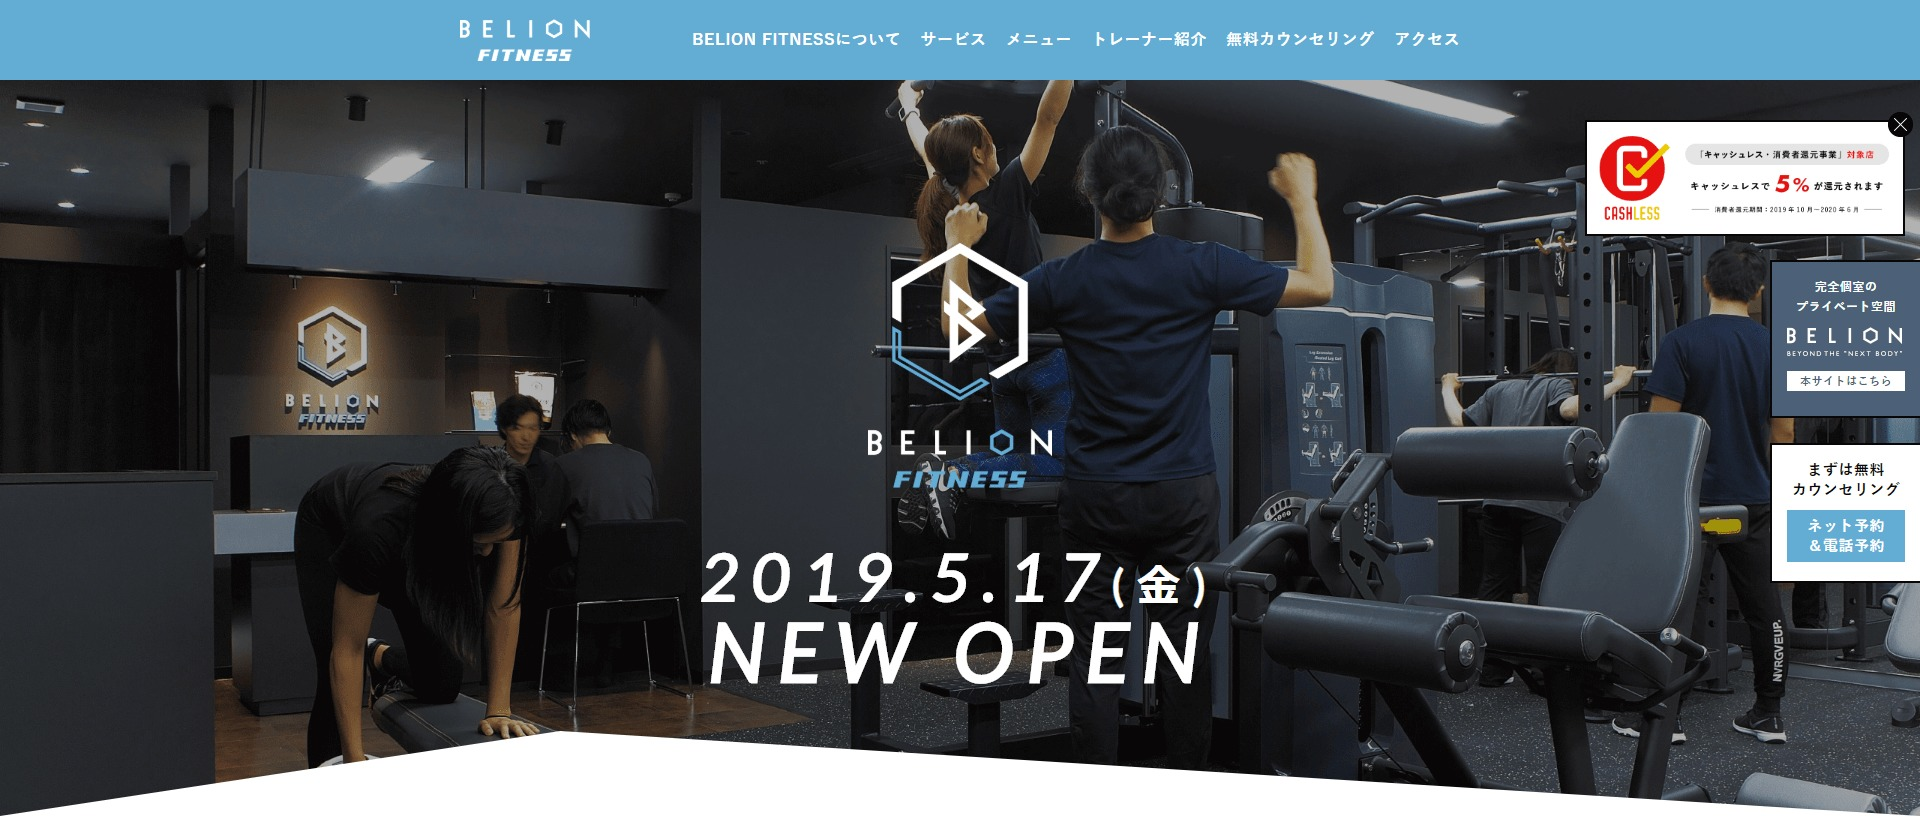 名古屋栄エリアでおすすめのパーソナルトレーニングジム「BELION FITNESS」